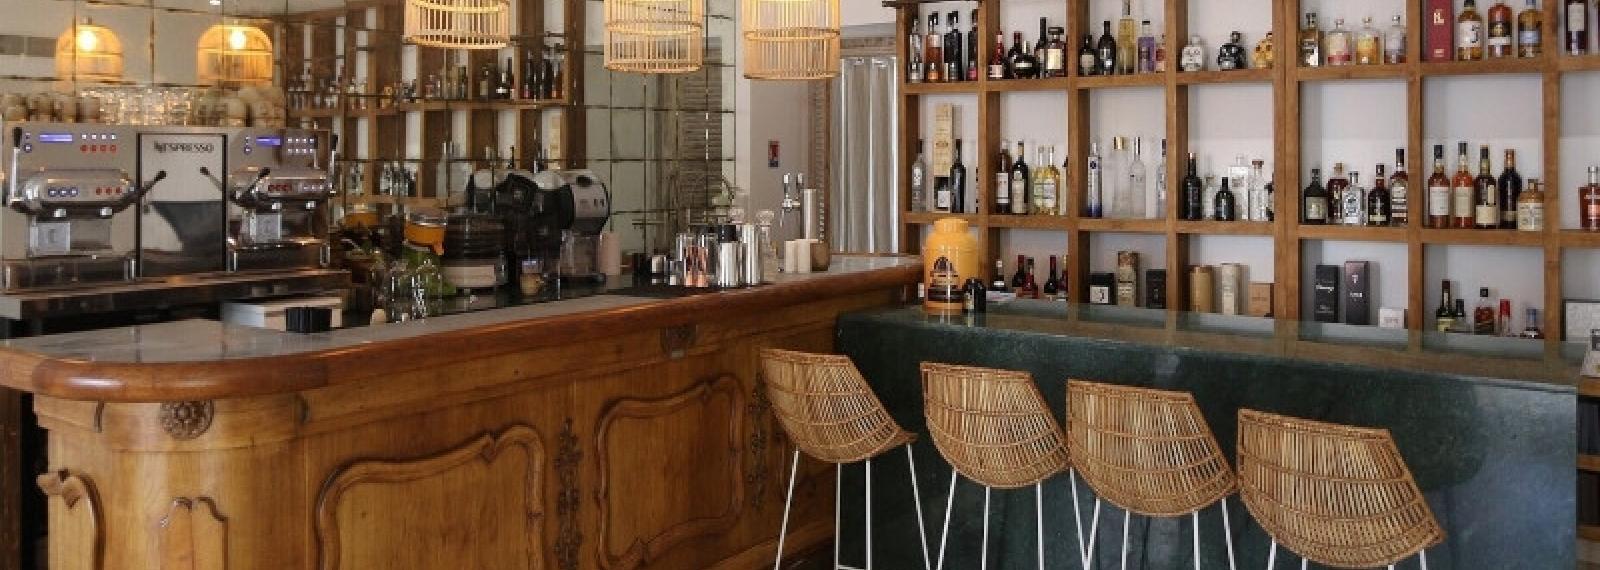 Brasserie Chic: Bar le Colonel